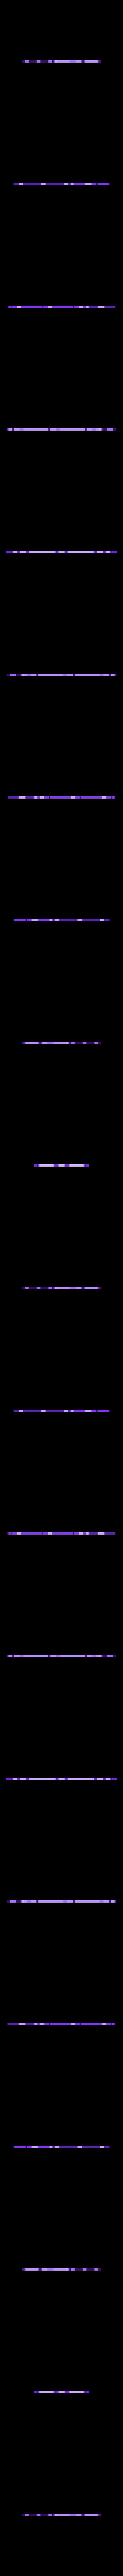 CORE_BOARD_v001.stl Télécharger fichier STL gratuit Shellmo (Remix) • Plan imprimable en 3D, ROYLO